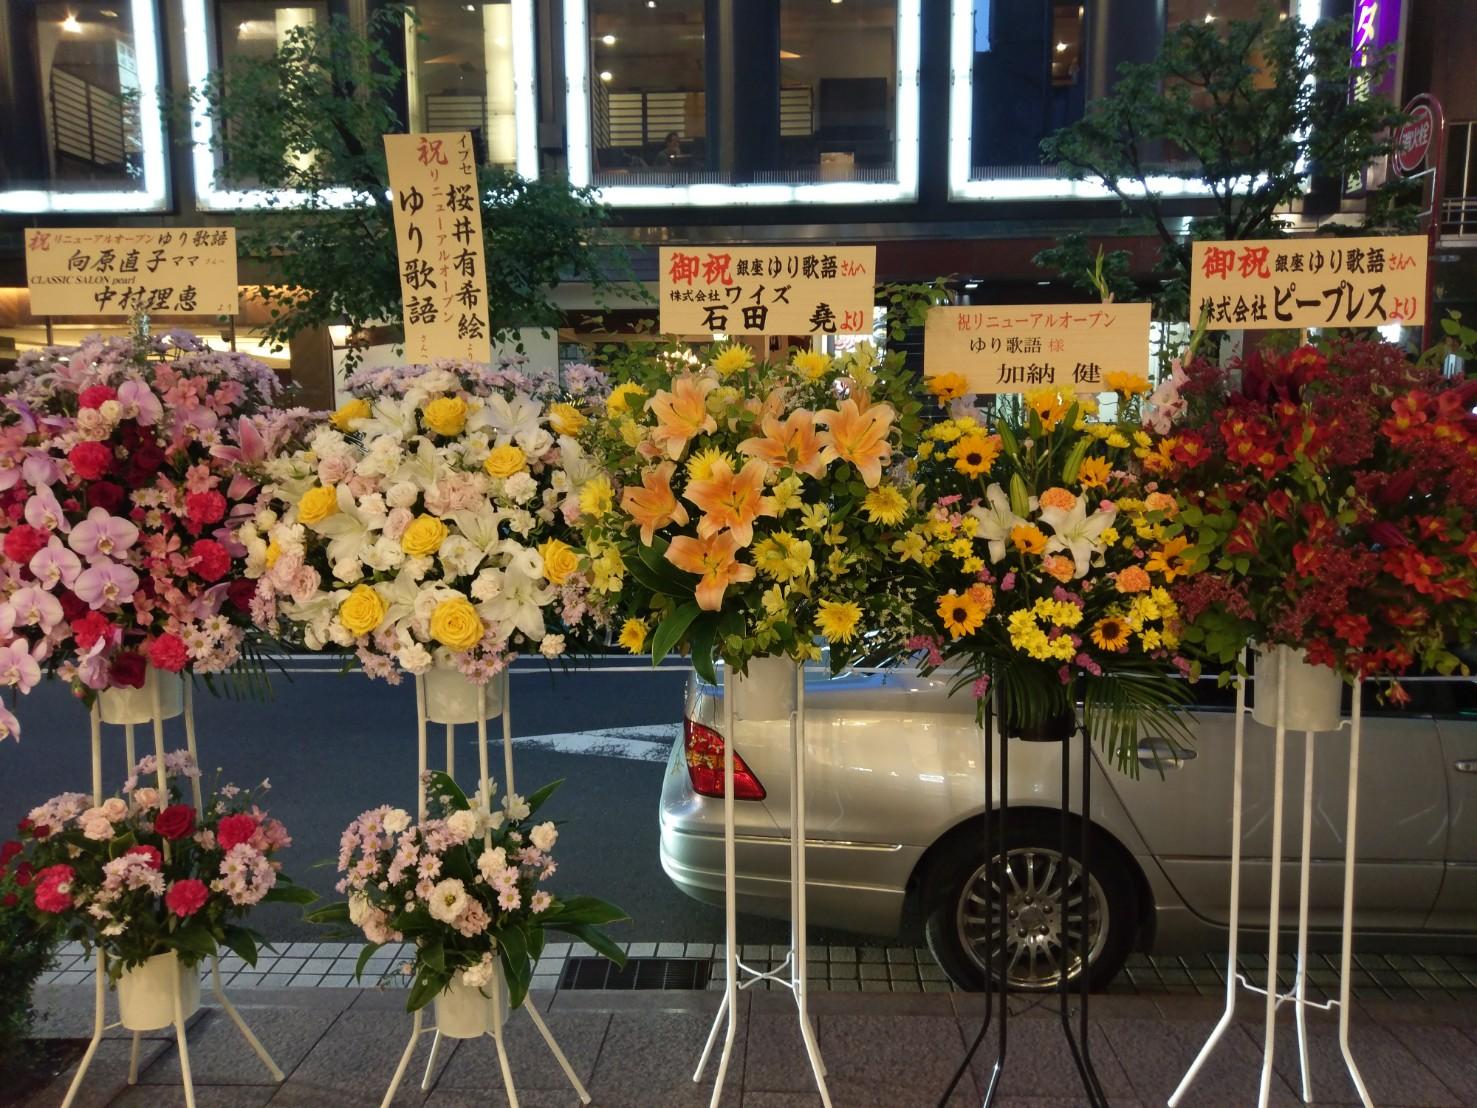 銀座8丁目 クラブ「ゆり歌語」リニューアルオープン